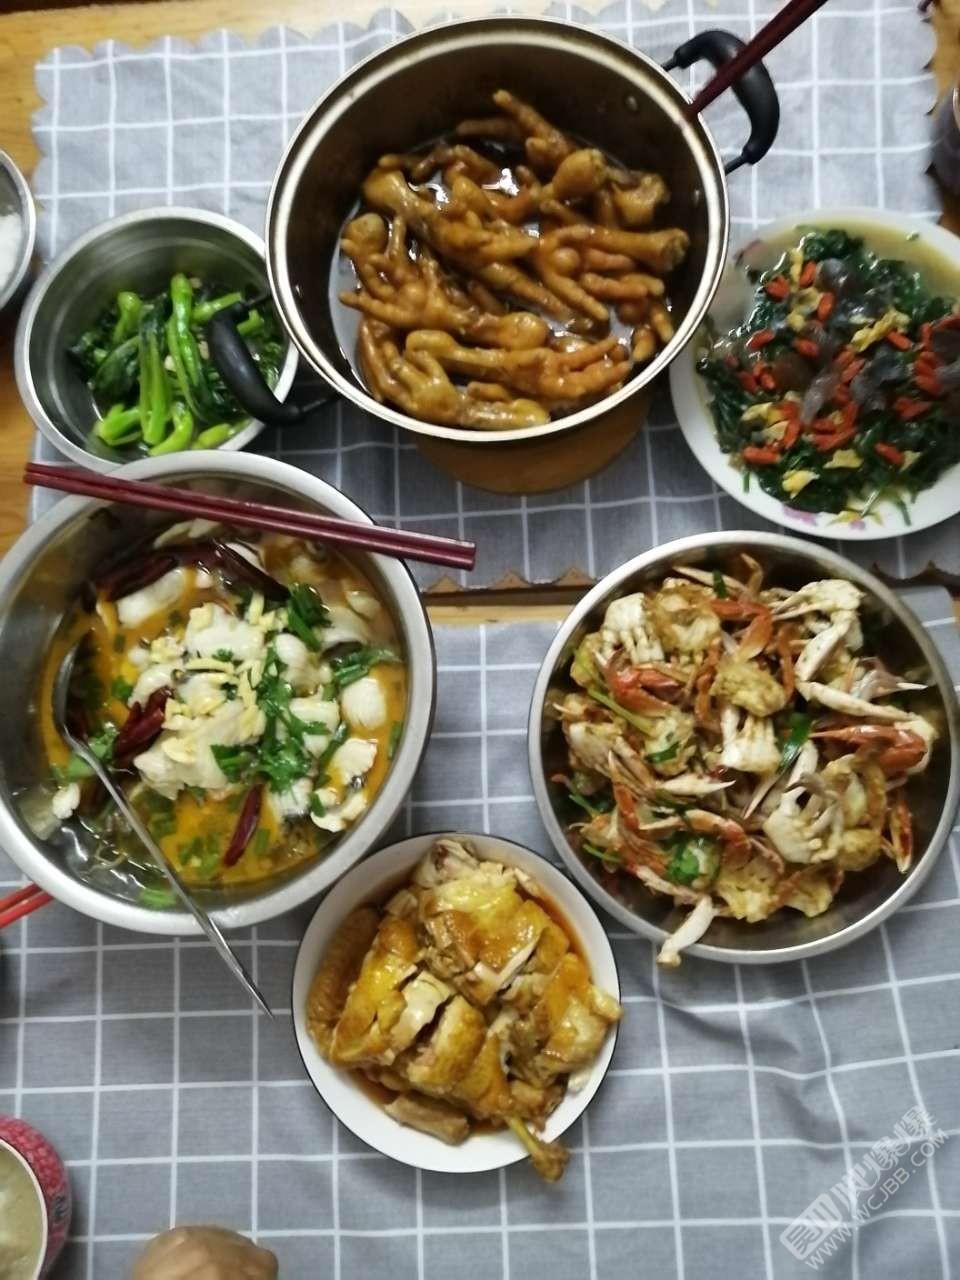 幾道經濟實惠的家常菜